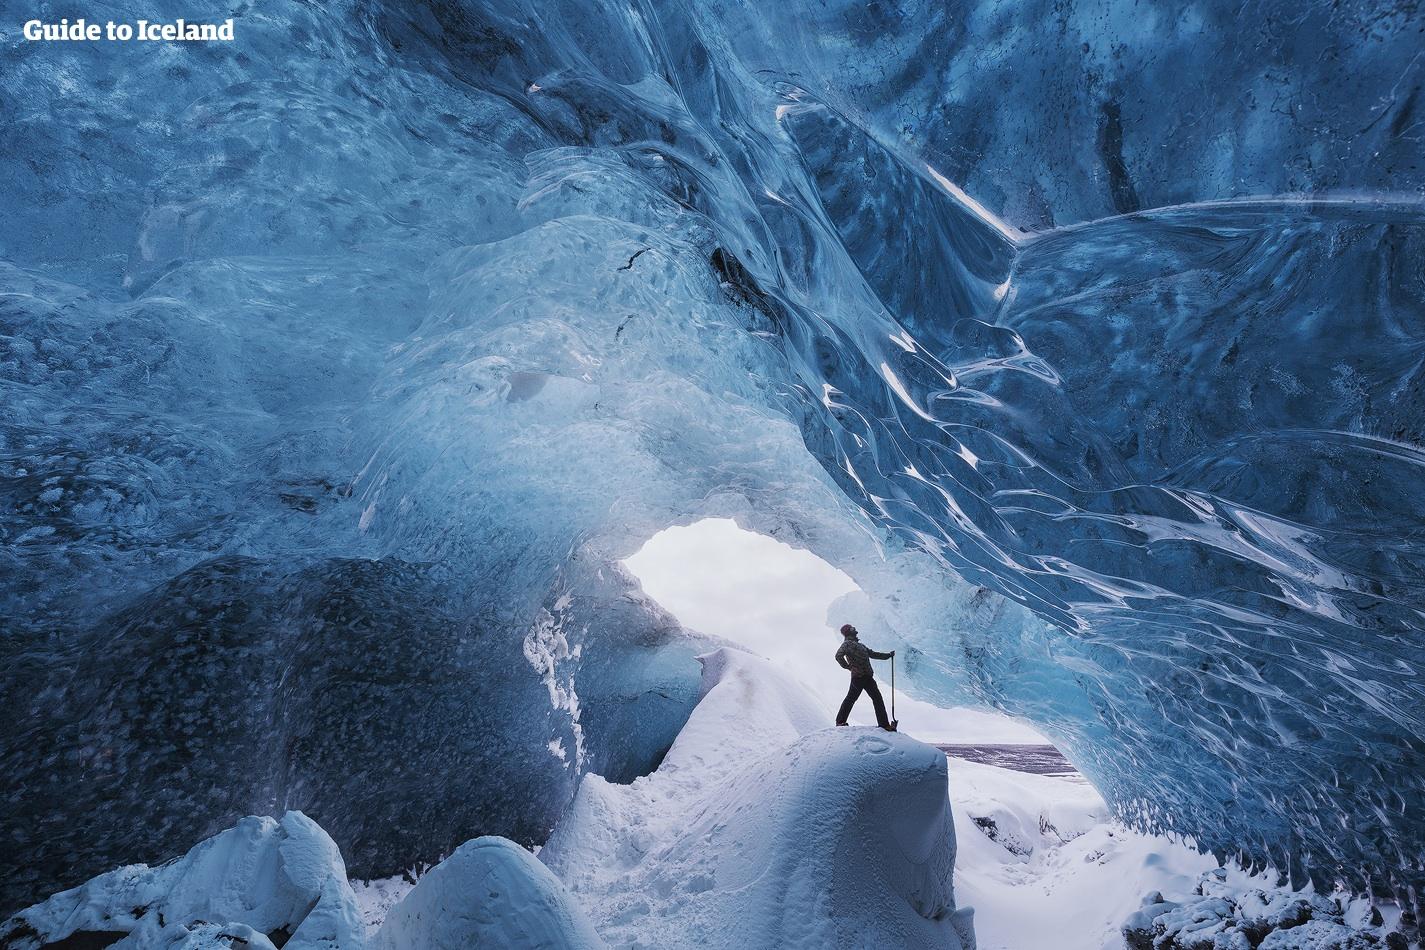 หมวกนิรภัยและค้อนมีความำเป็นสำหรับการเที่ยวชมถ้ำน้ำแข็ง ฉะนั้นสวมหมวกที่บางและรองเท้าปีนเขาที่แข็งแรง